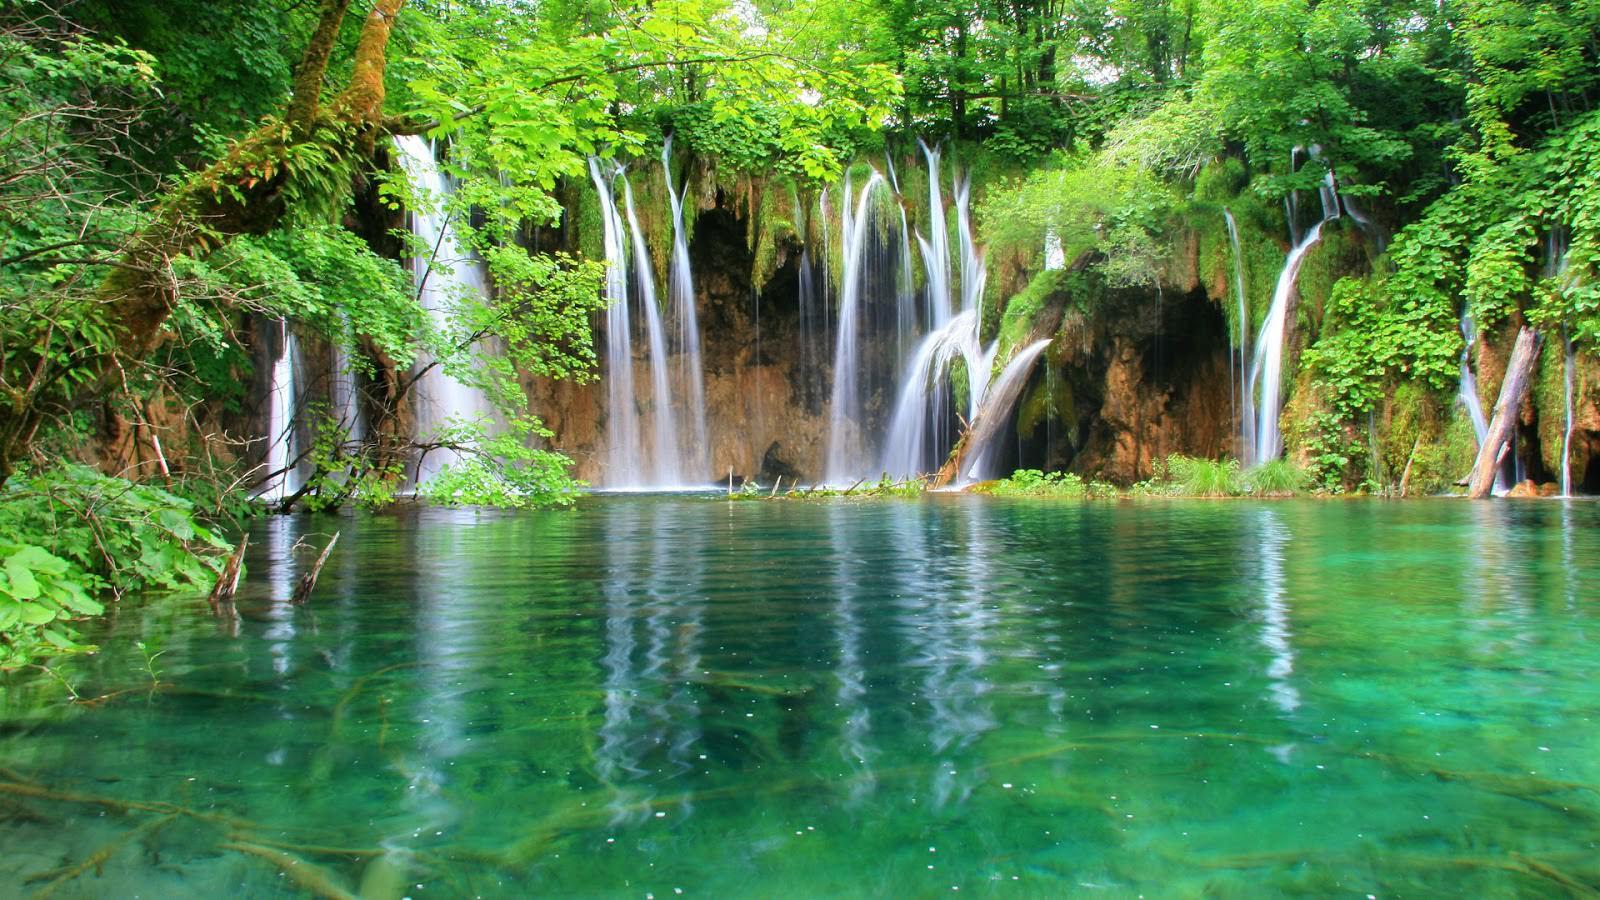 hình nền thác nước đẹp trong xanh